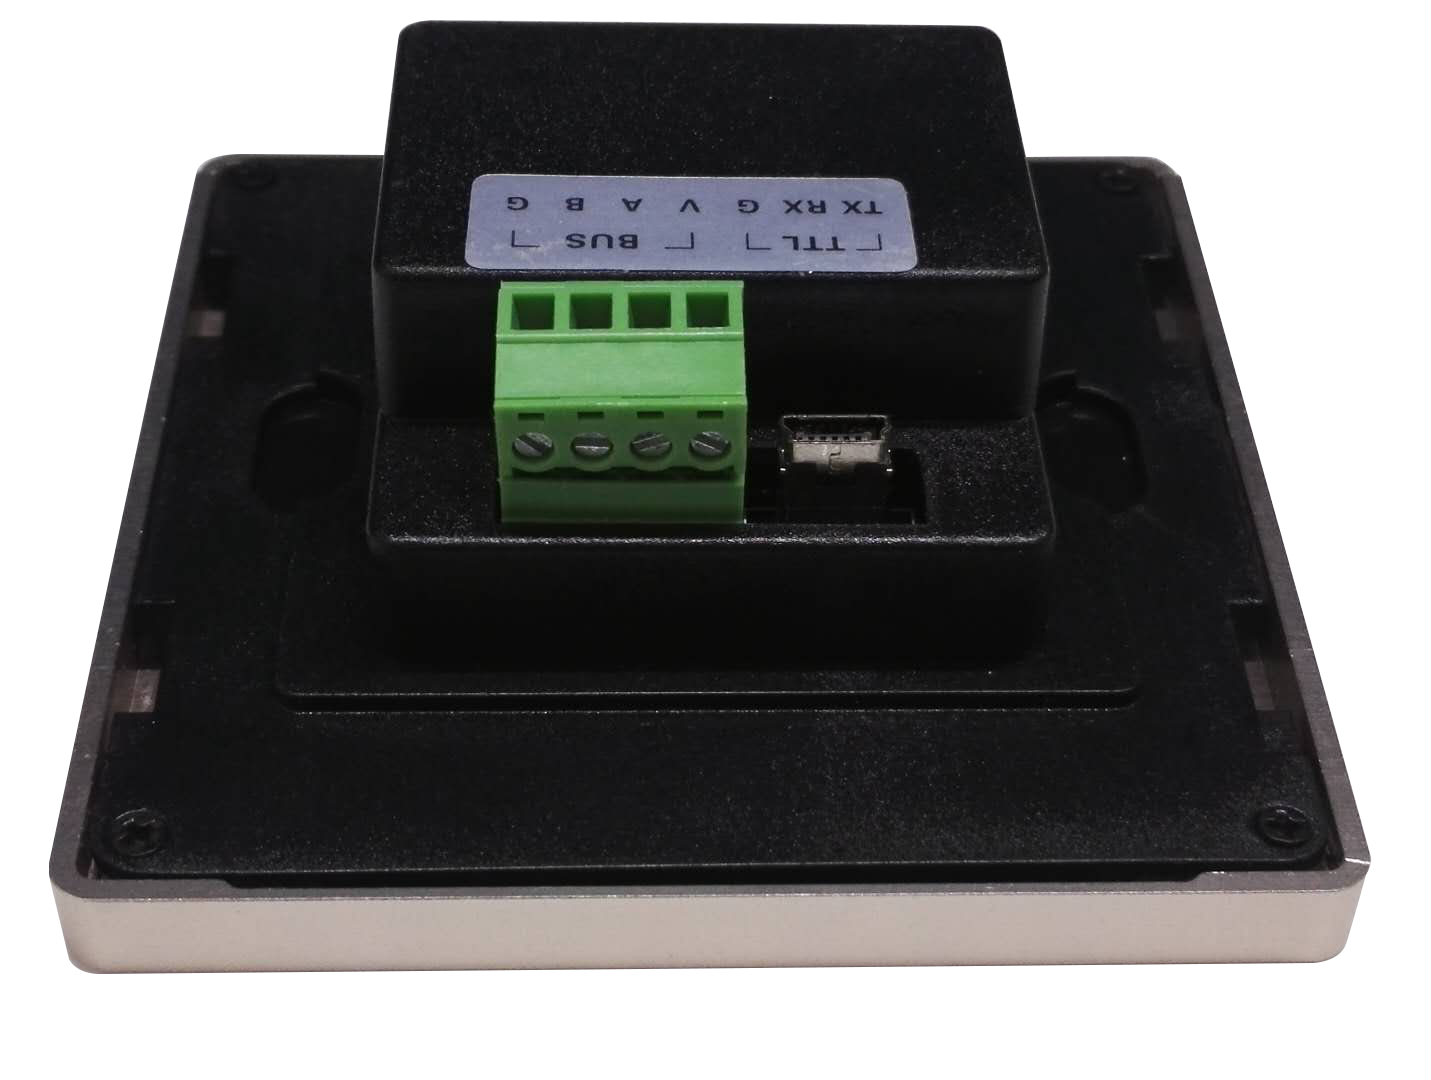 商業照明控制系統ODM四種常見控制技術